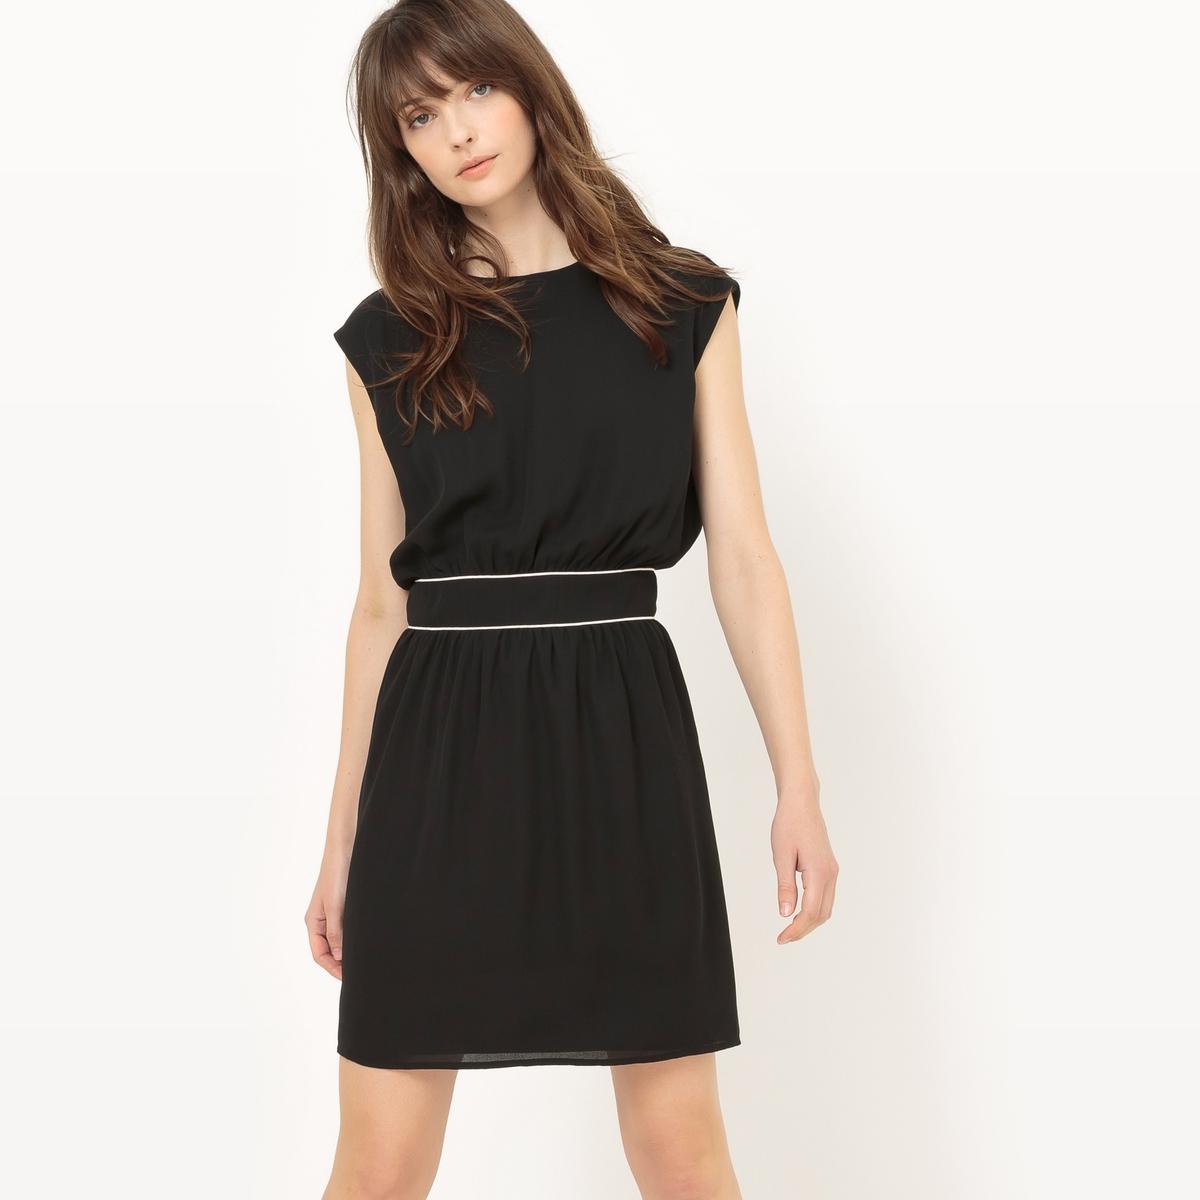 Платье короткое, с короткими рукавами, однотонноеМатериал : 100% полиэстер  Длина рукава : короткие рукава  Форма воротника : круглый вырез Покрой платья : платье прямого покроя   Рисунок : однотонная модель   Длина платья : укороченная модель<br><br>Цвет: розовый,черный